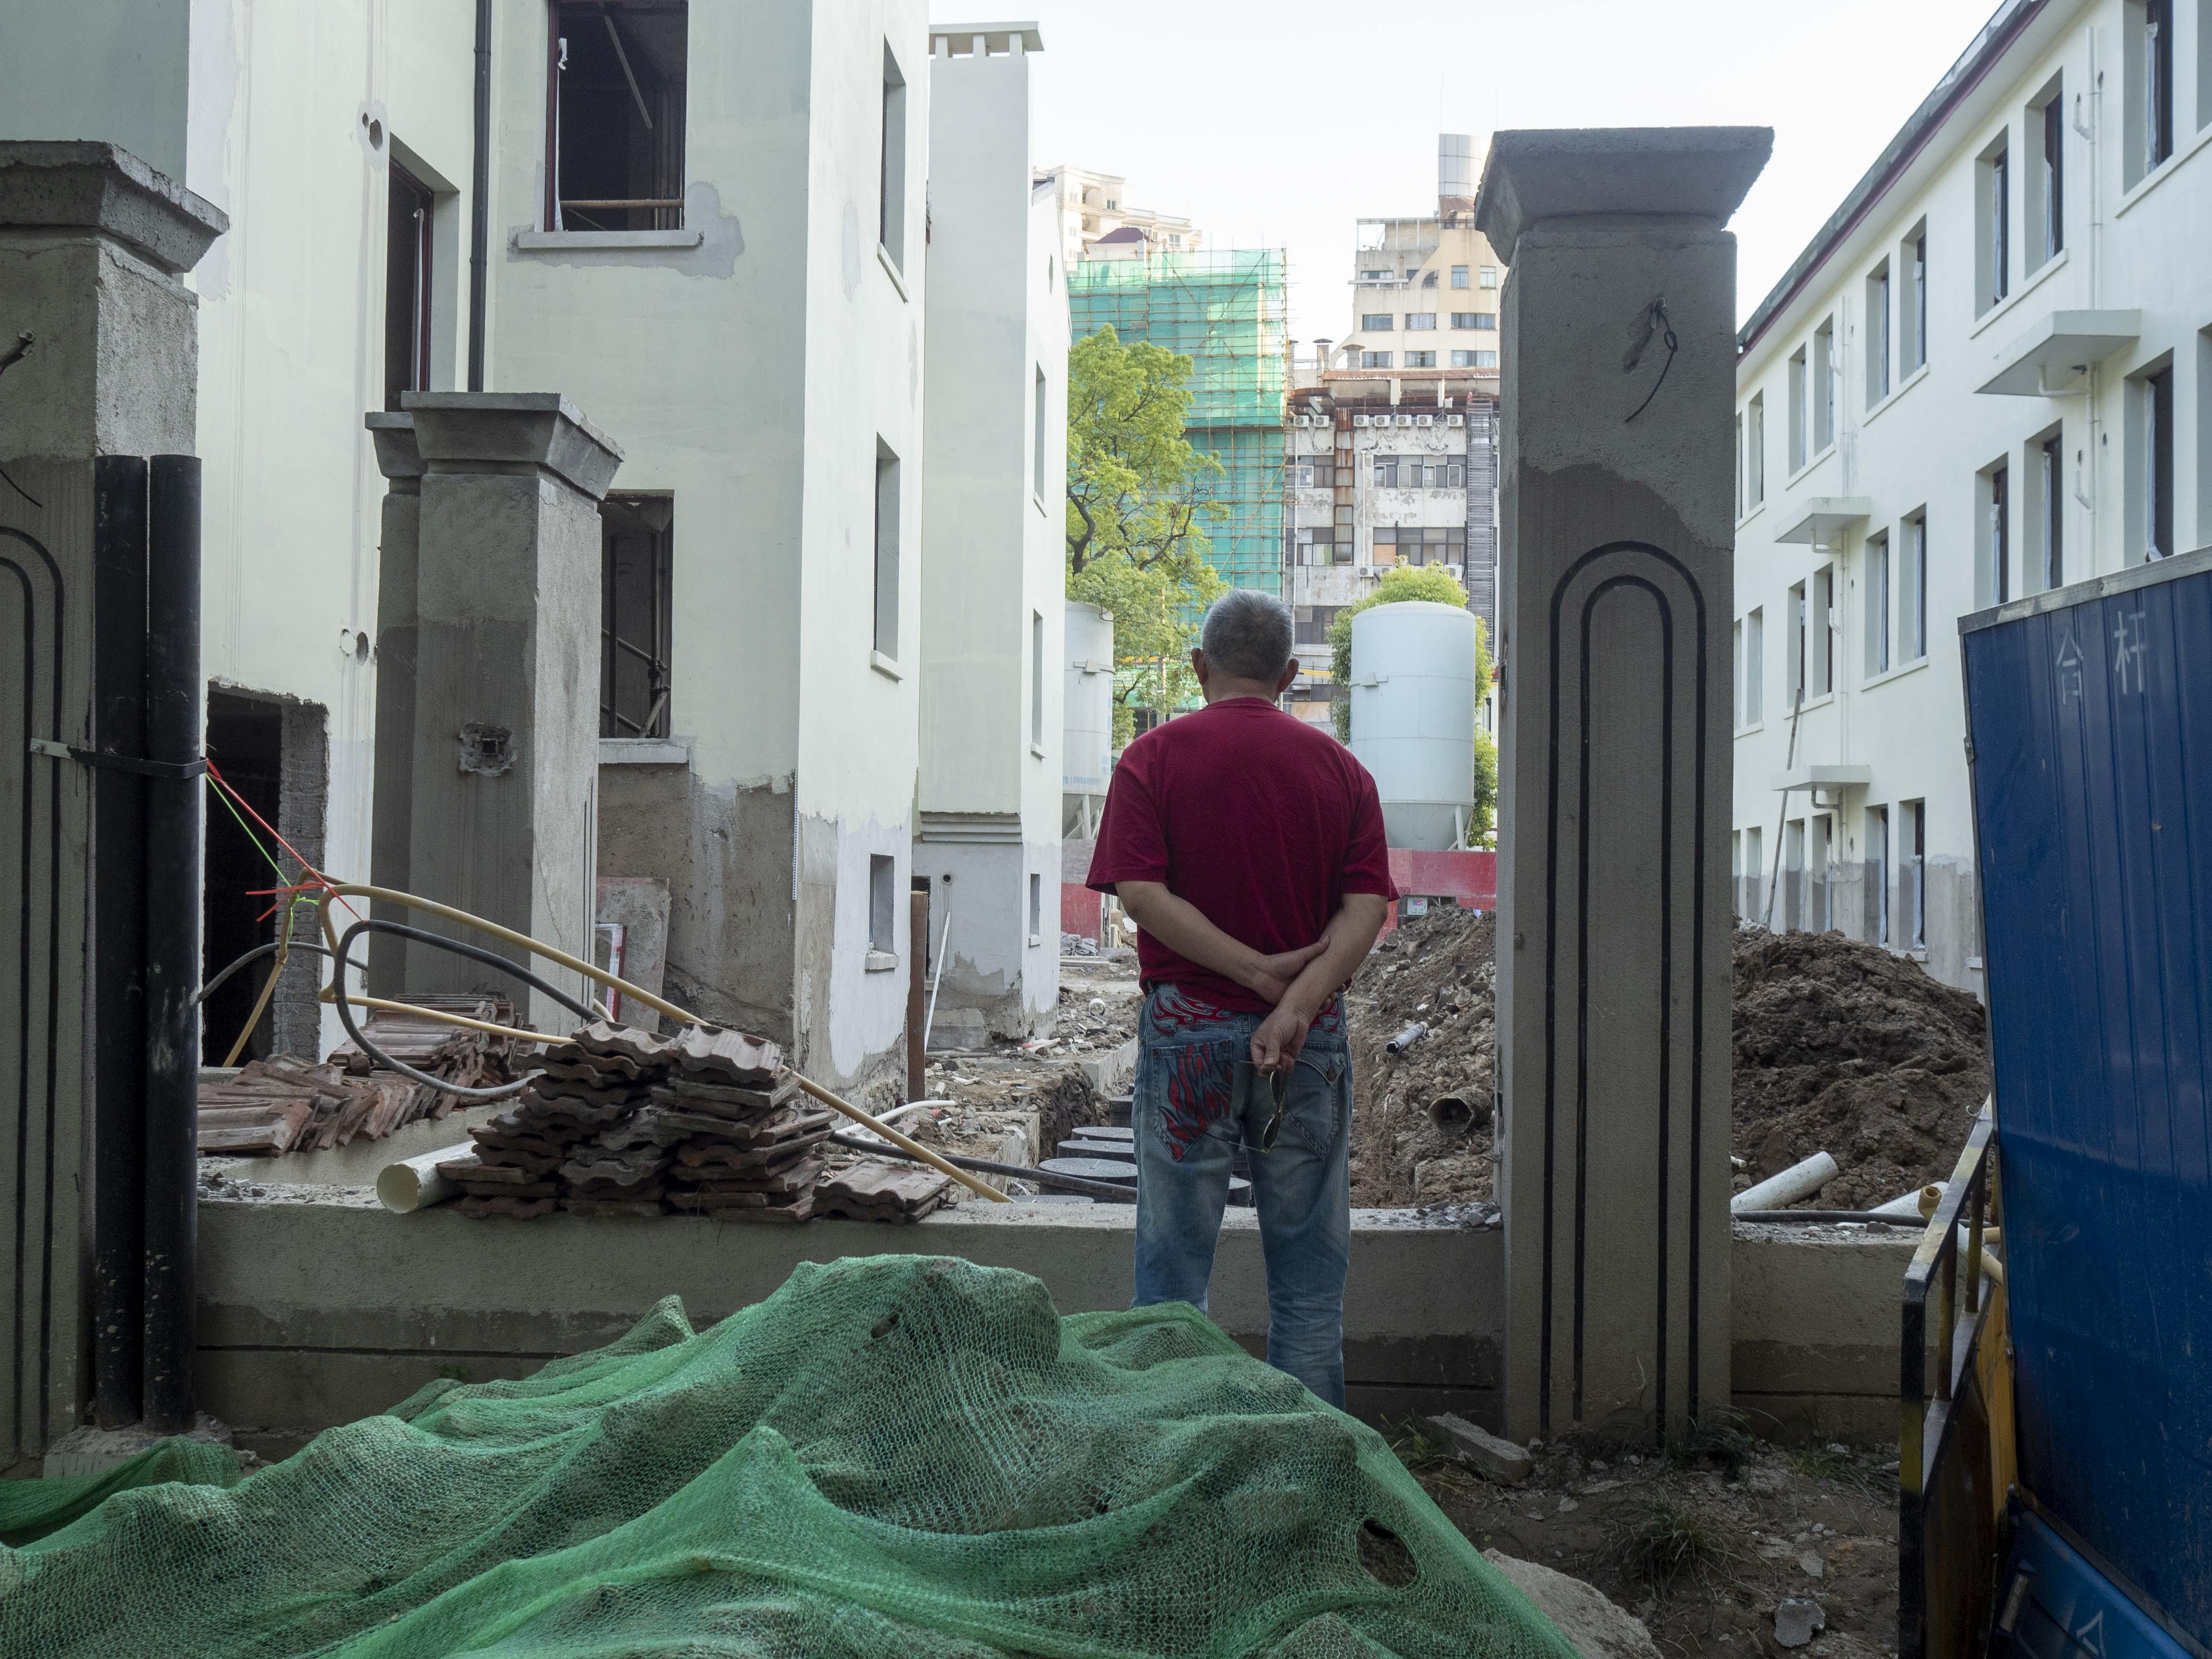 2021年6月,曹杨一村成套改造即将完成,老居民在等待回迁的一天。 澎湃新闻记者 许海峰 图